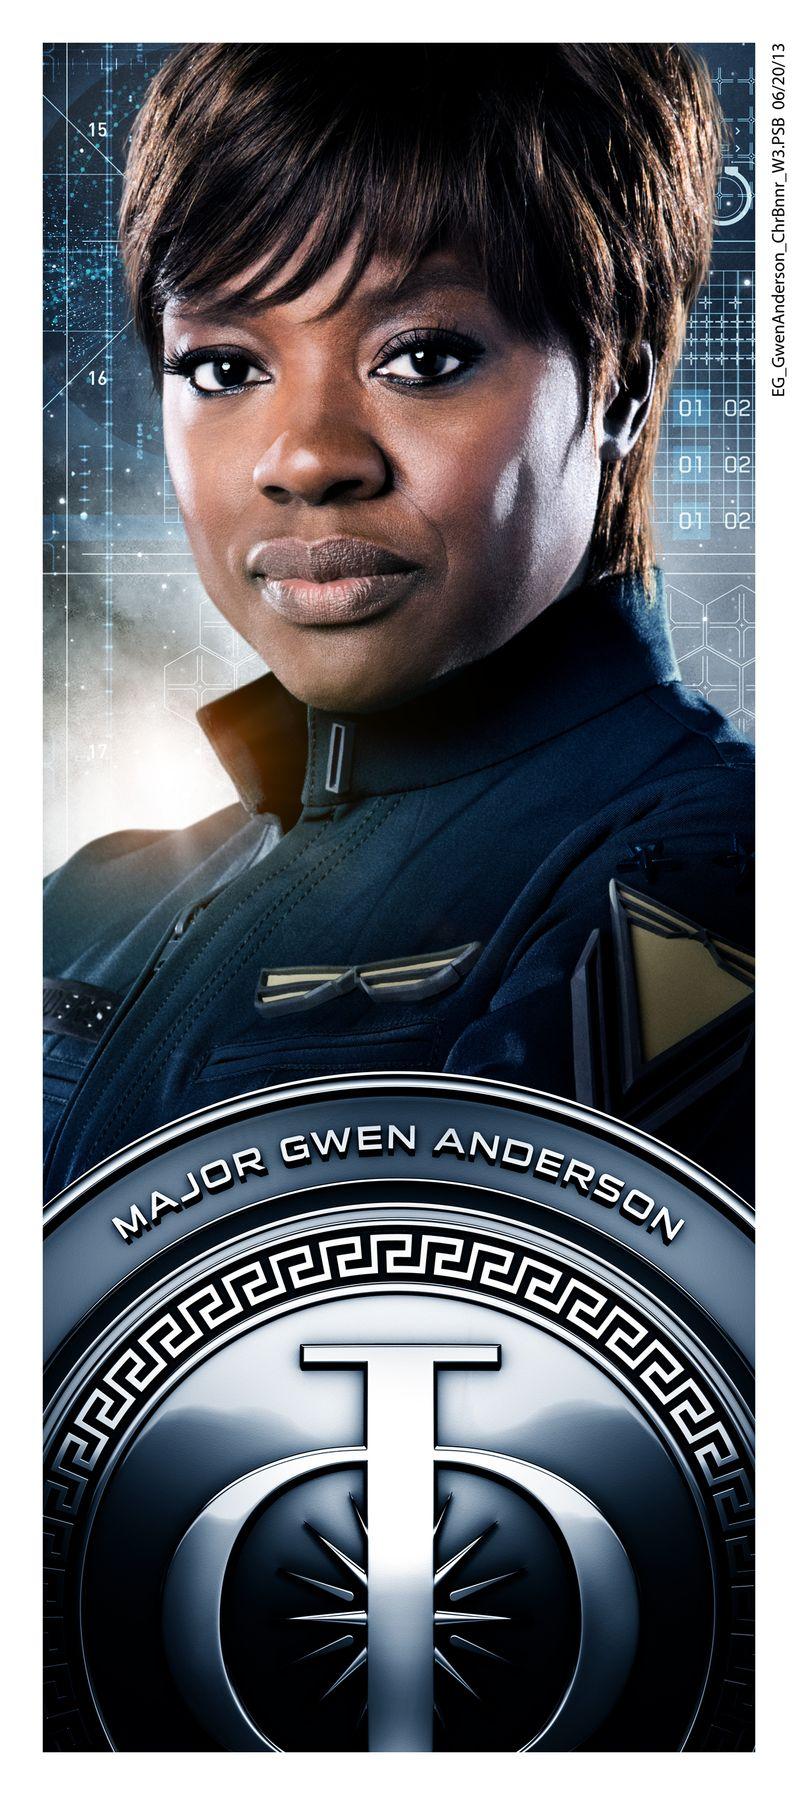 <strong><em>Ender's Game</em></strong> Viola Davis Character Poster